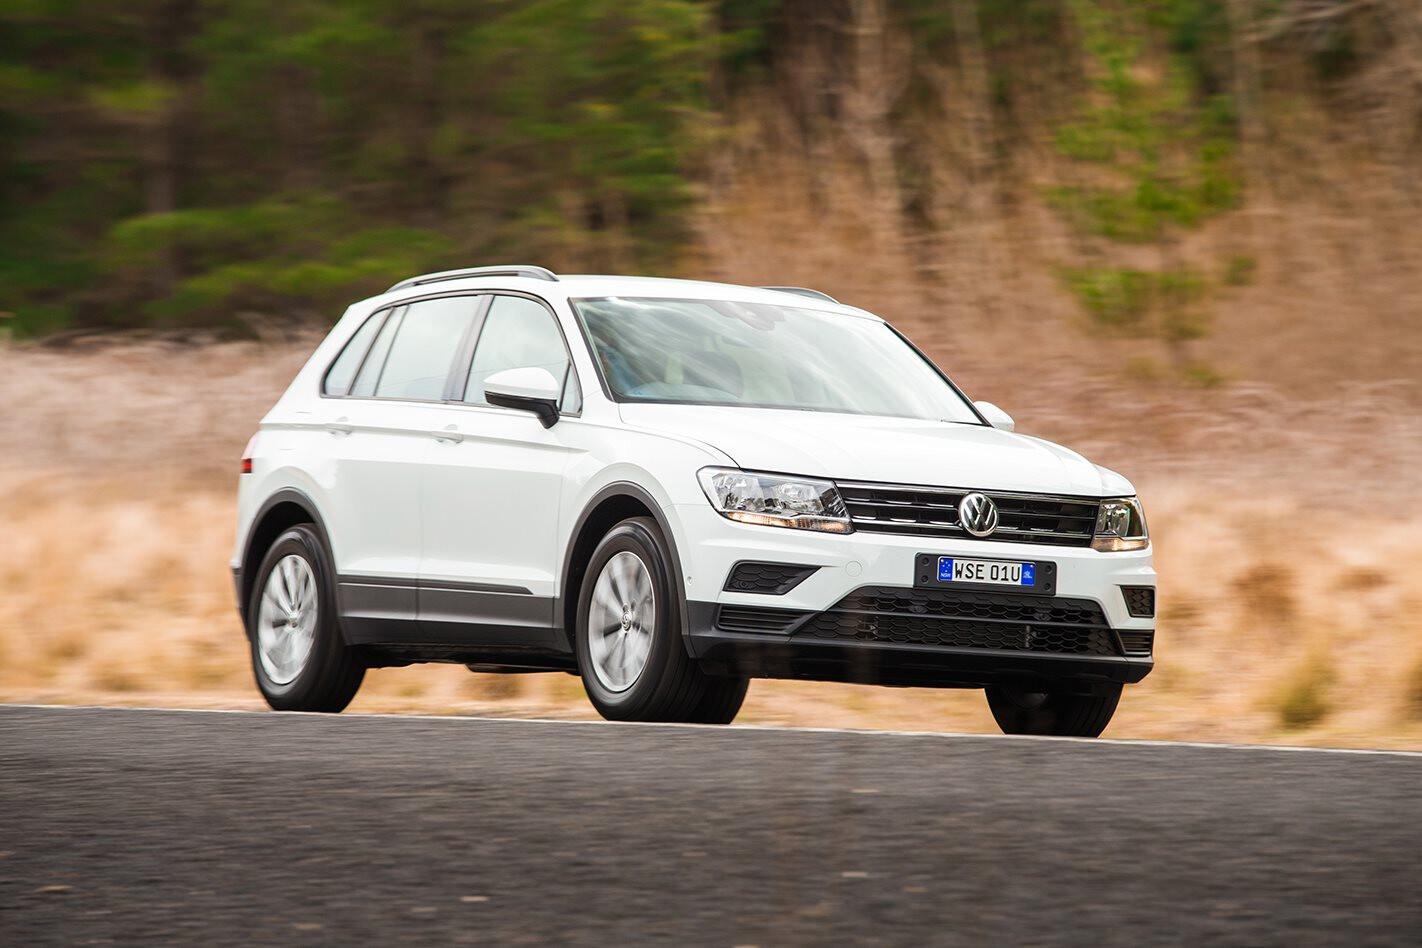 2017 Volkswagen Tiguan 110TSI Trendline DSG Quick Review